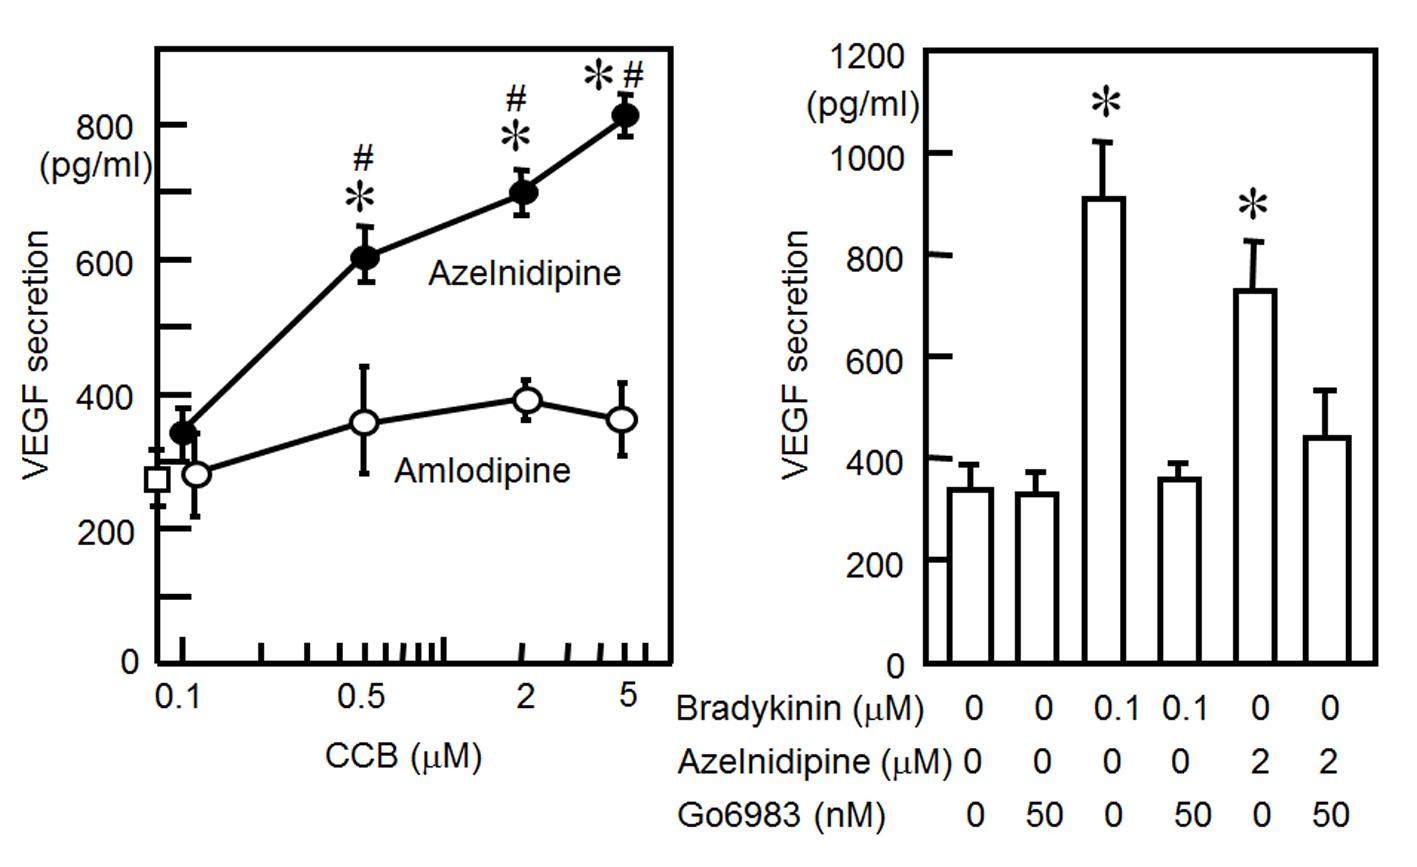 Azelnidipine, Not Amlodipine, Induces Secretion of